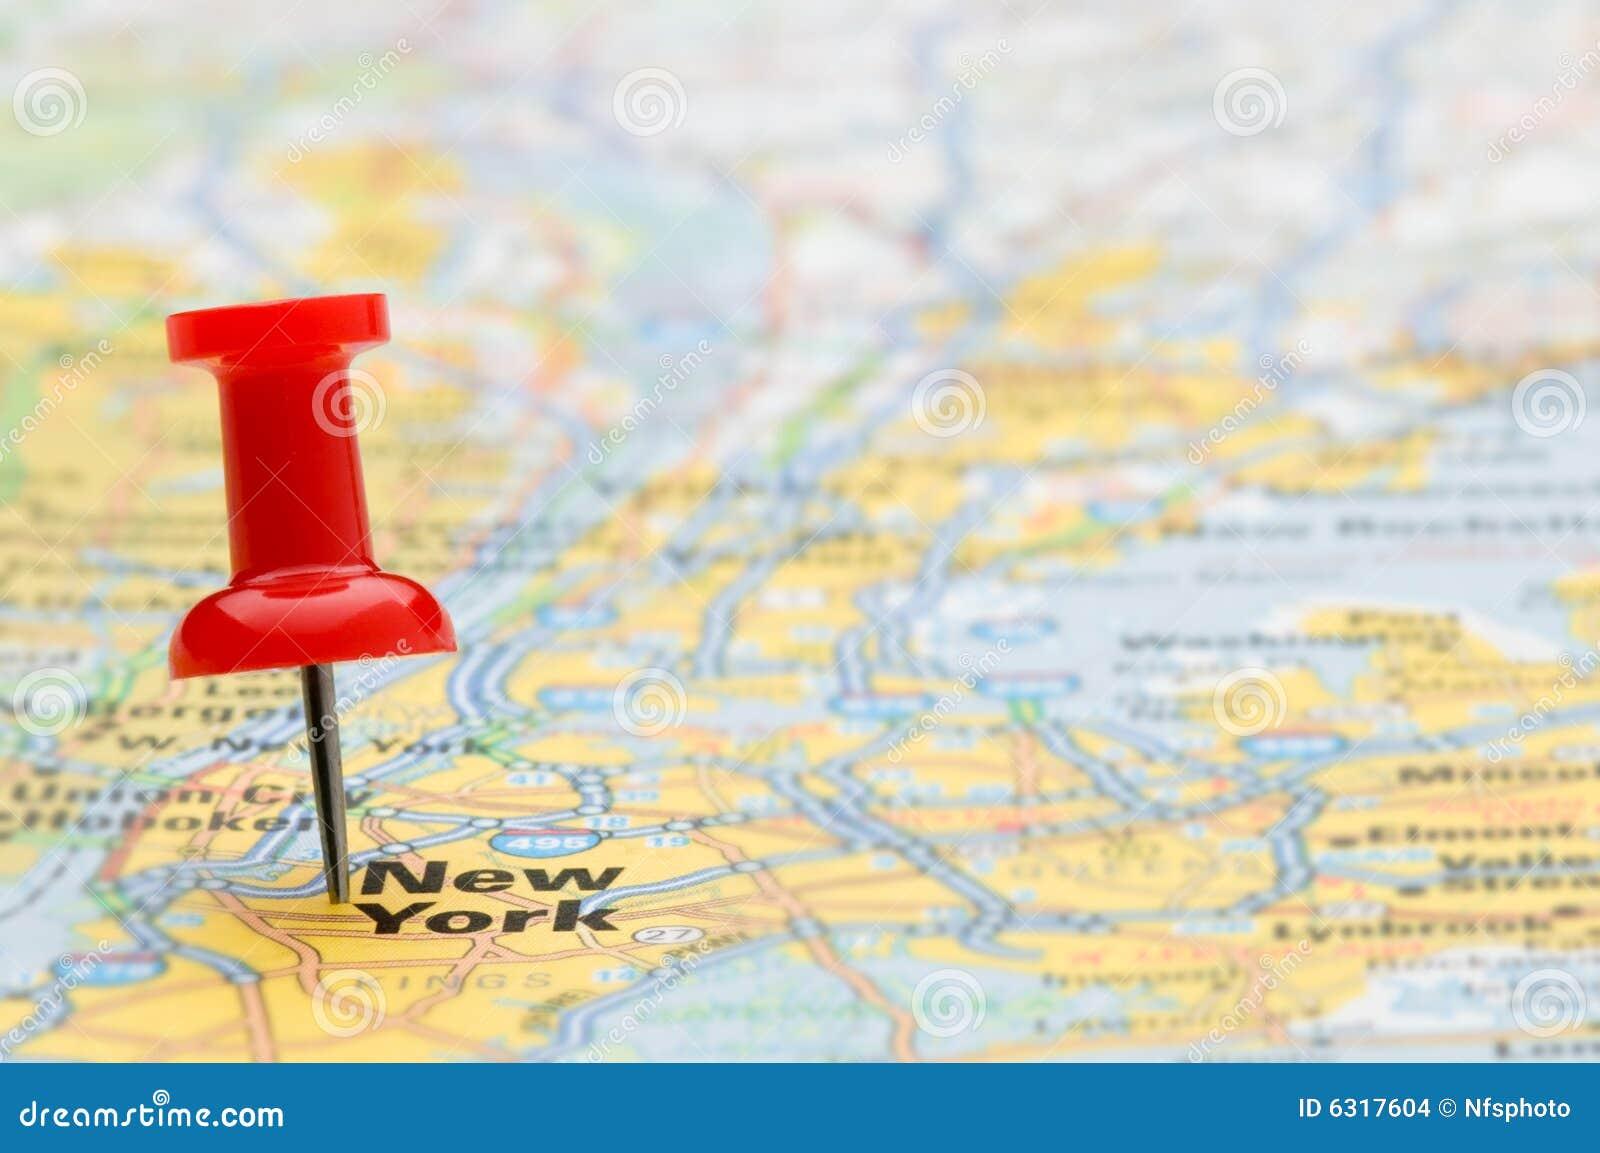 Pasador Ubicación Mapa Gráficos Vectoriales Gratis En: Marca Roja New York City Del Pasador En Correspondencia